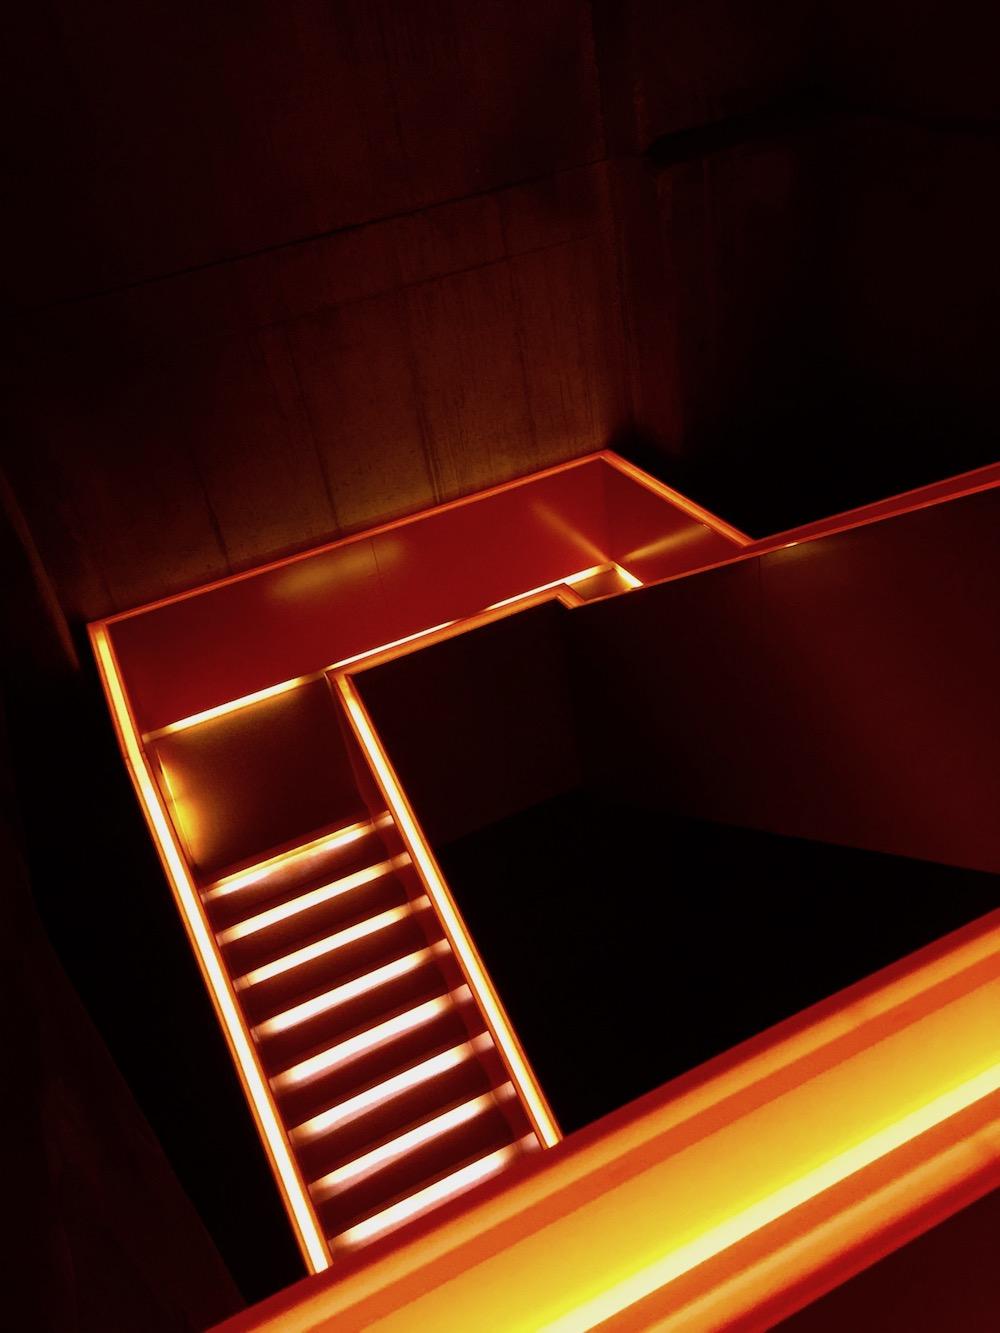 Das orange Treppenhaus der Zeche Zollverein ist ein beliebtes Fotomotiv